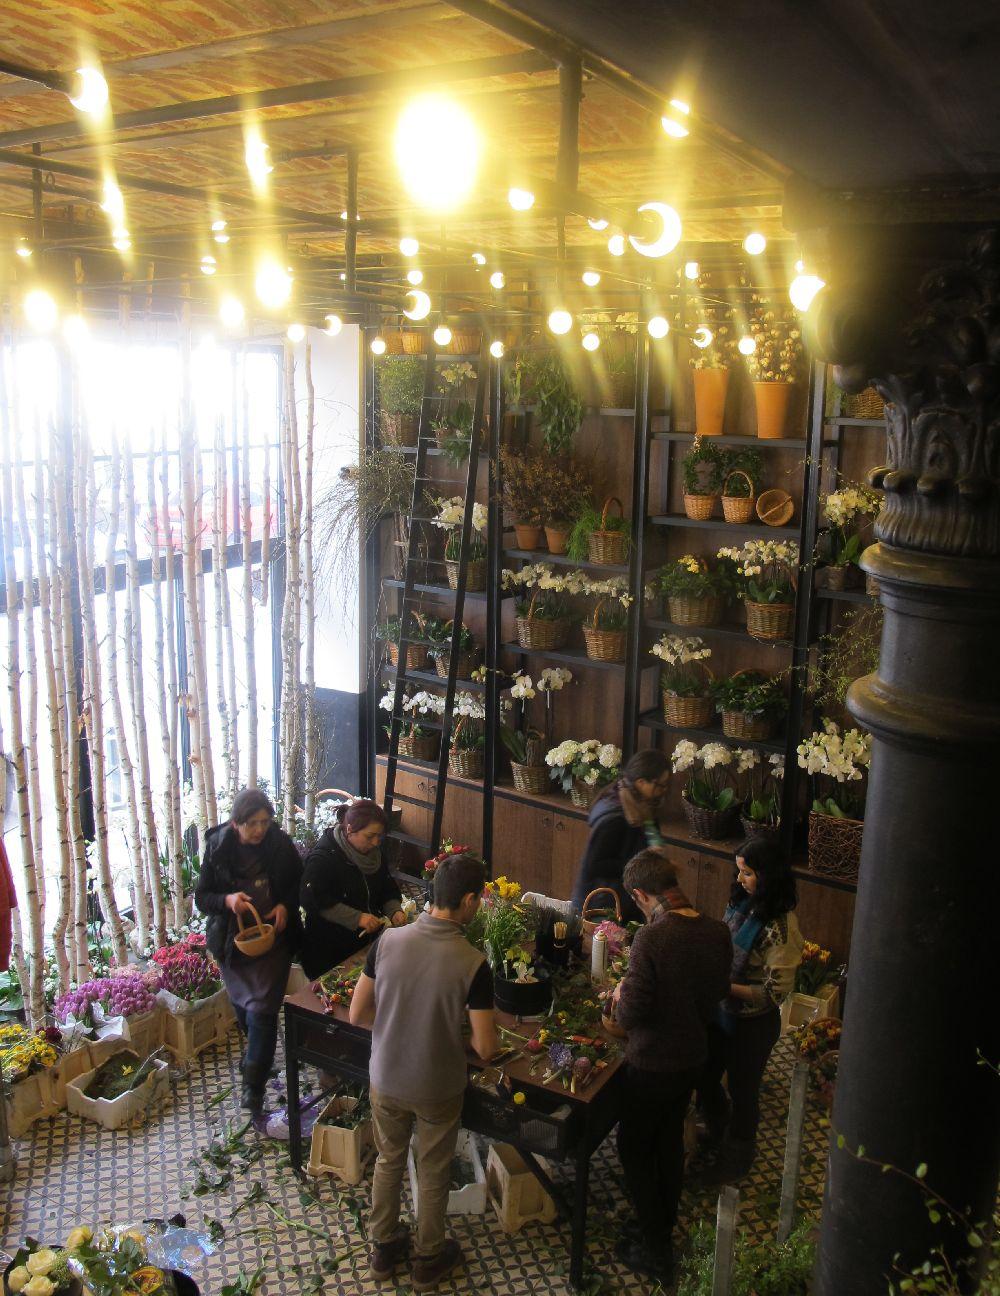 adelaparvu.com despre atelierul designerului florist Nicu Bocancea, Foraria Iris, design interior Pascal Delmotte (37)